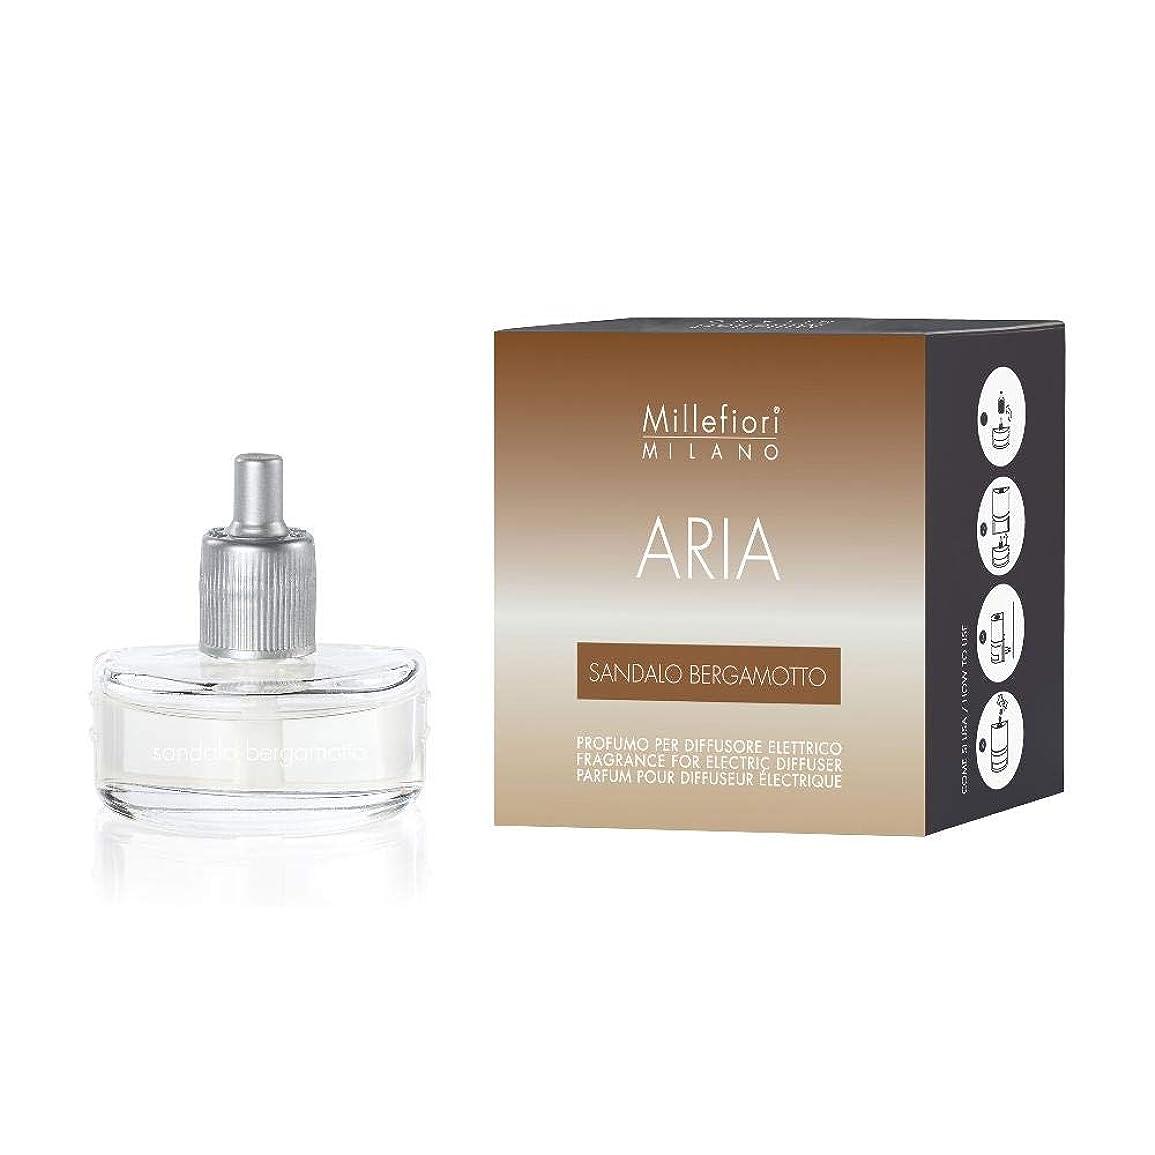 染料操縦する汚染されたMillefiori ミッレフィオーリ フレグランスディフューザー専用リフィル [ARIA] プラグイン ベルガモット ARIA-R-09